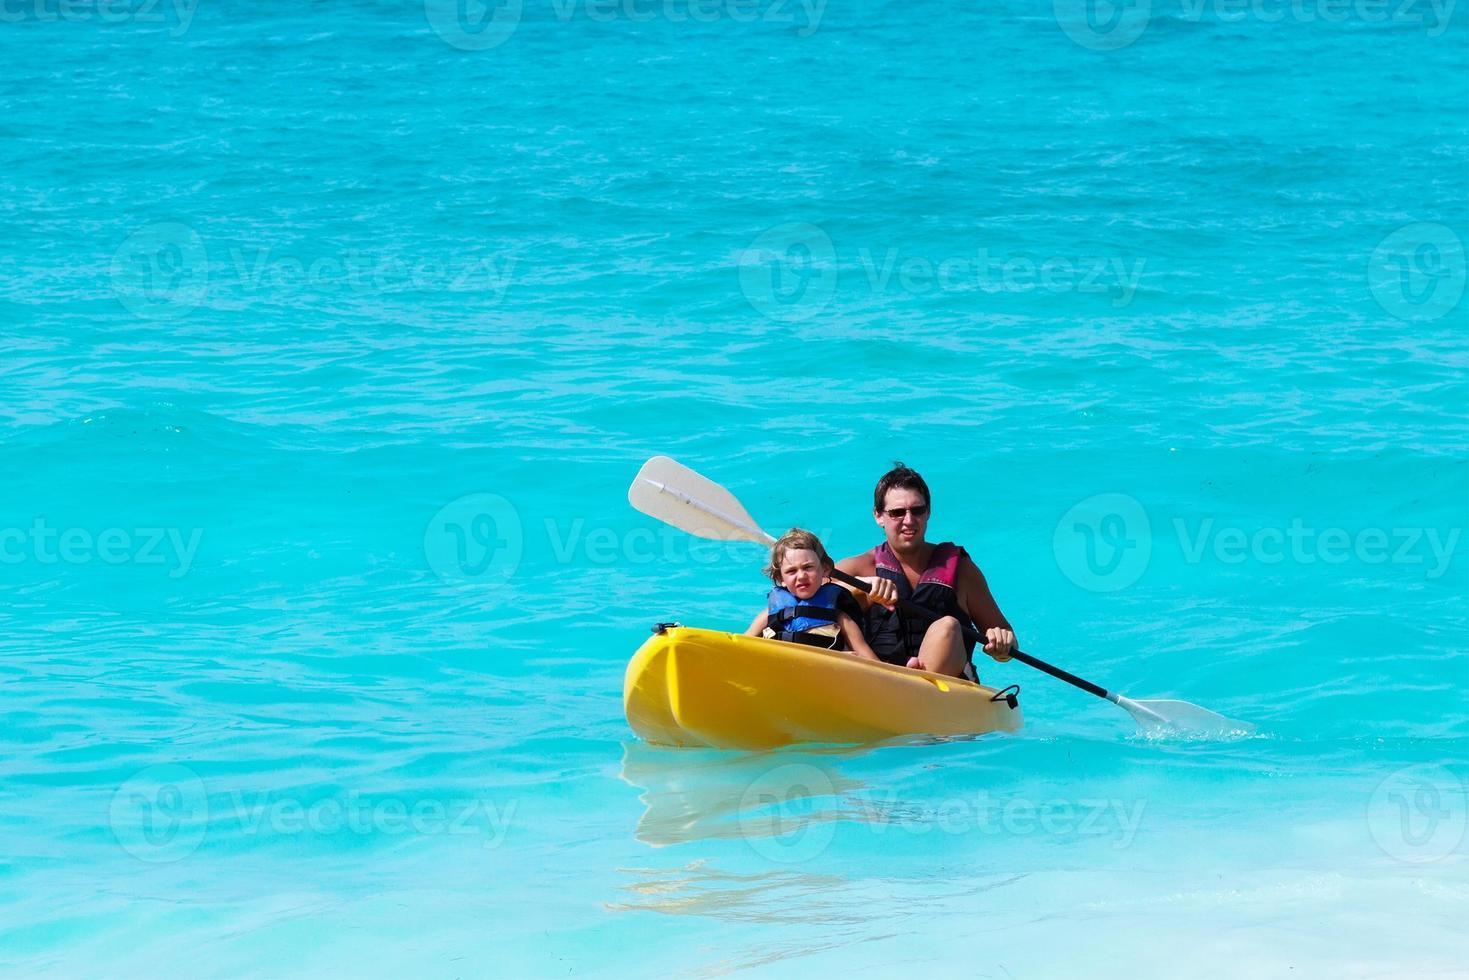 père et fils sur un kayak dans l'océan tropical photo